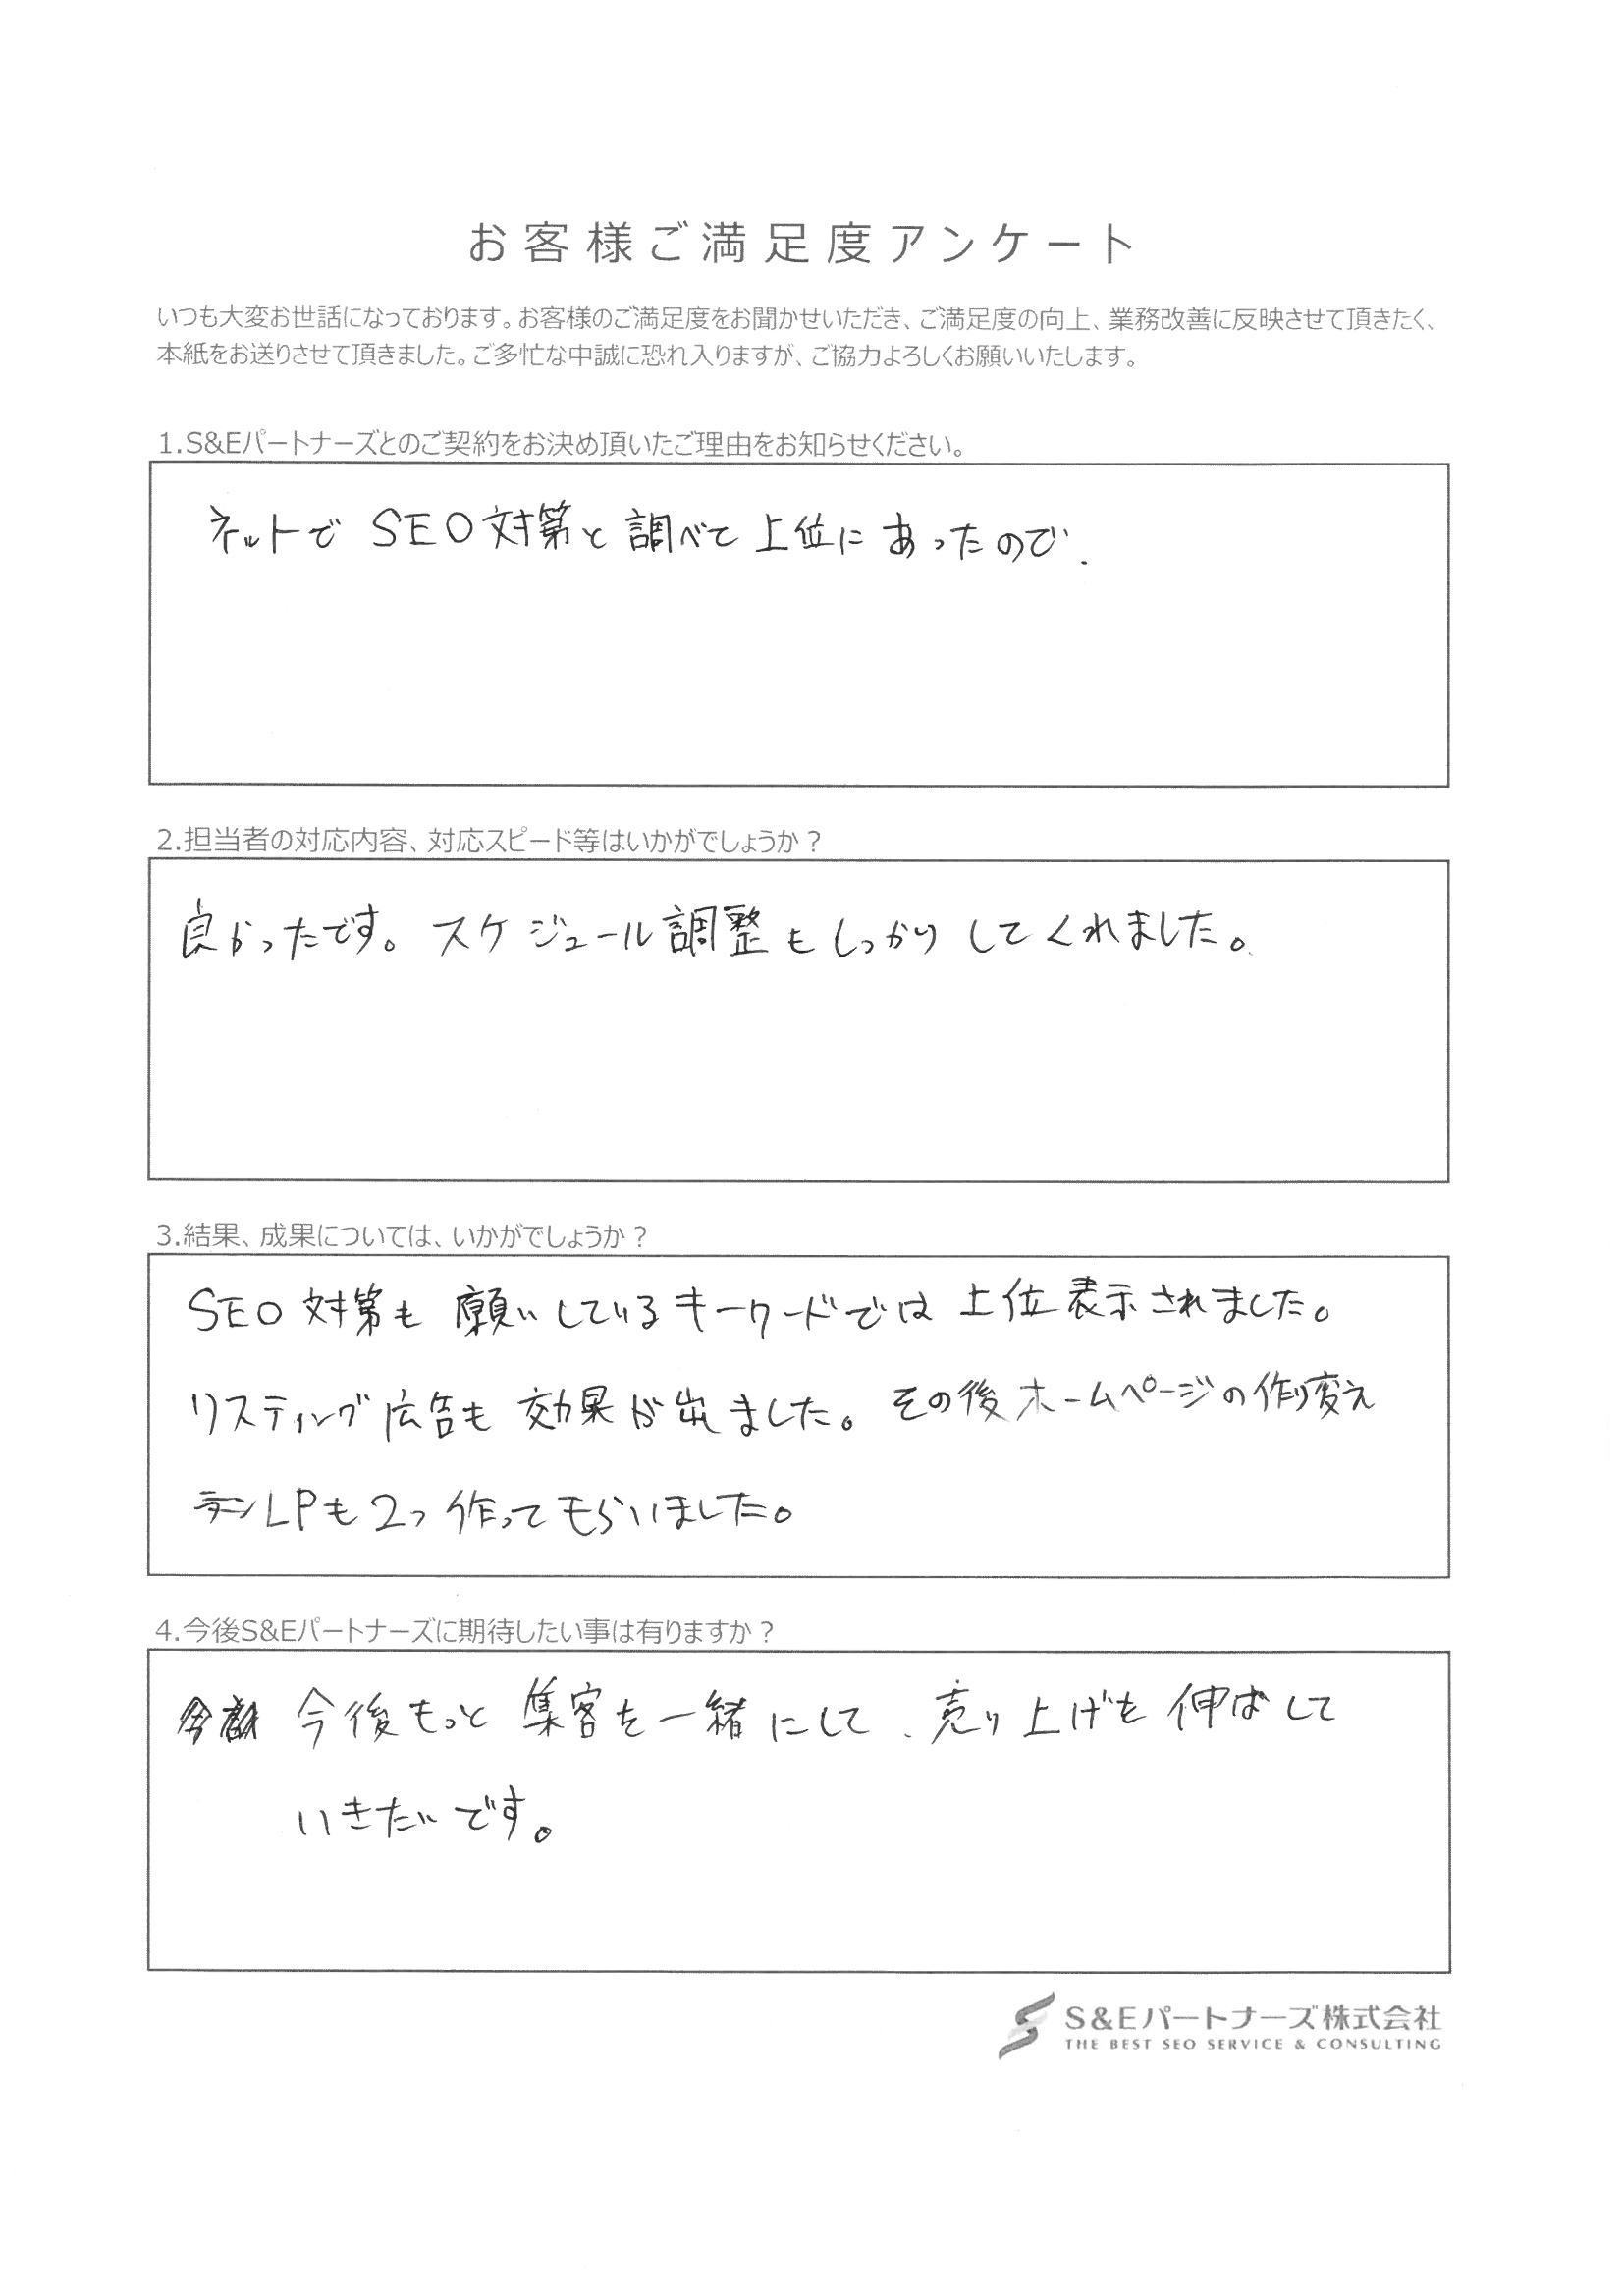 大阪の屋根修理・リフォーム会社様